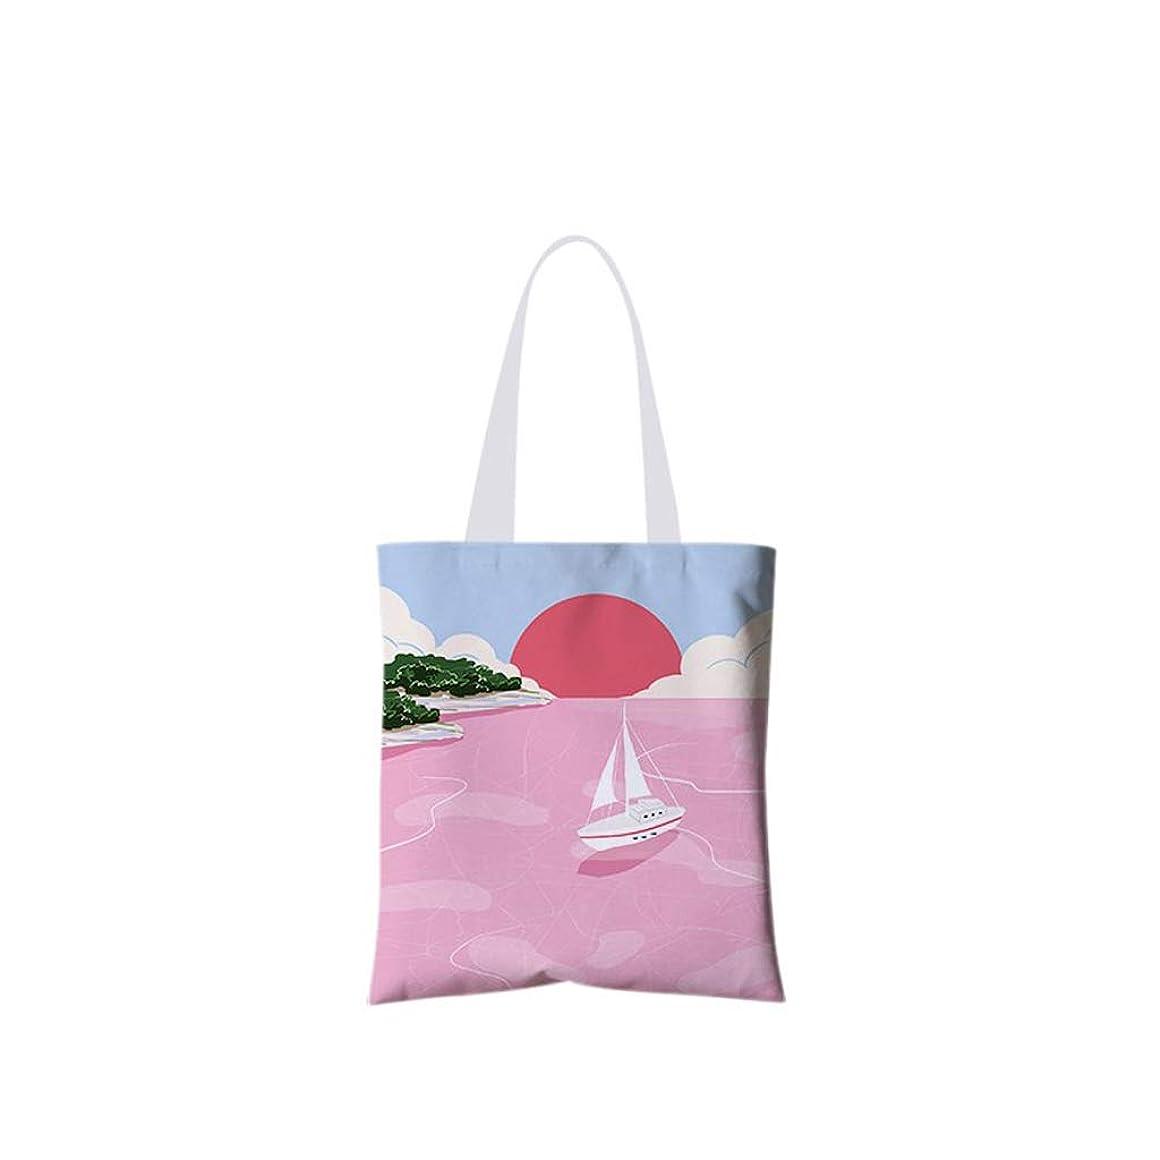 気取らない指標スノーケルキャンバスハンドバッグ、ショッピングバッグ、洗える食品のハンドバッグ、手描きのキャンバスバッグ、小さなショッピングバッグ(かわいいイラストパターン8)